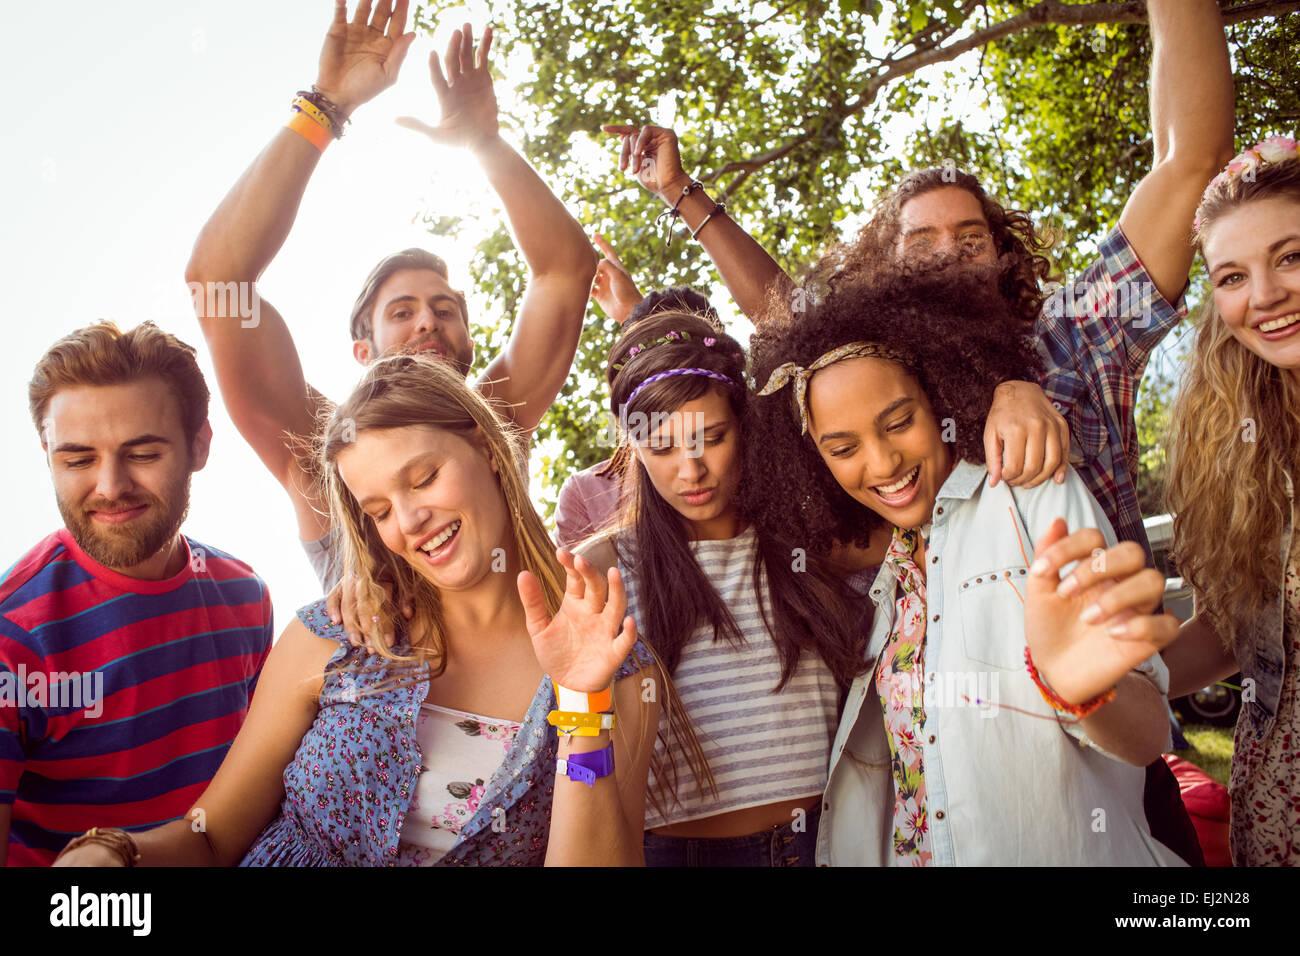 Feliz hipsters bailando al ritmo de la música Imagen De Stock